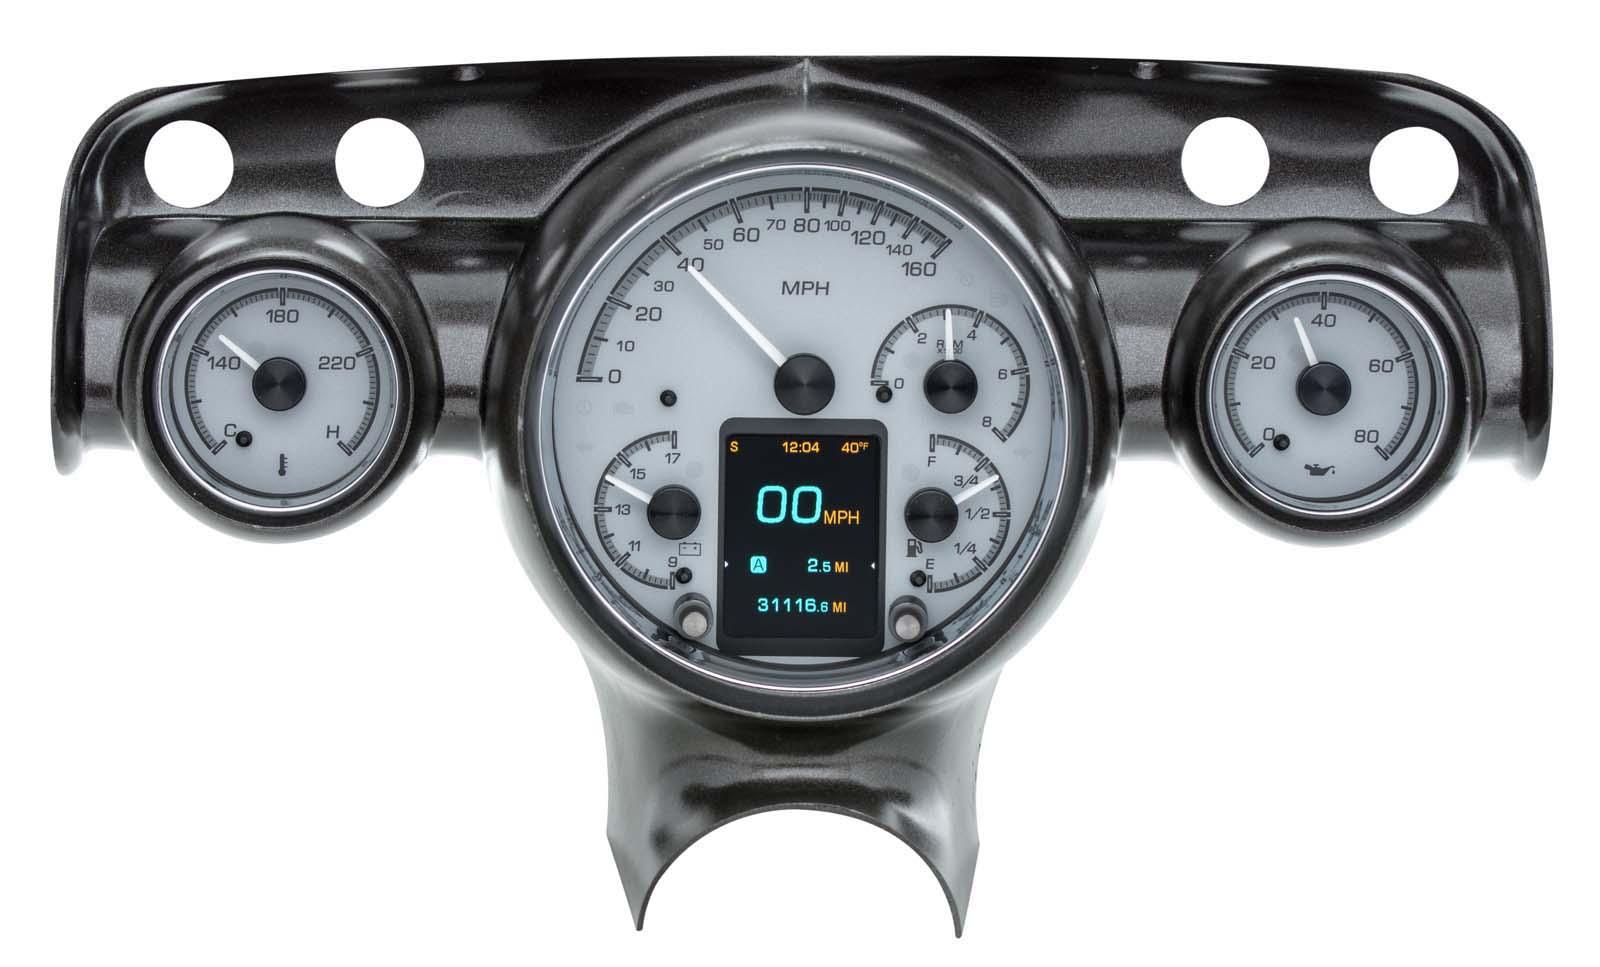 HDX 57C S dakota digital 1957 chevy bel air analog gauges silver alloy hdx,1957 Chevy Gauge Wiring